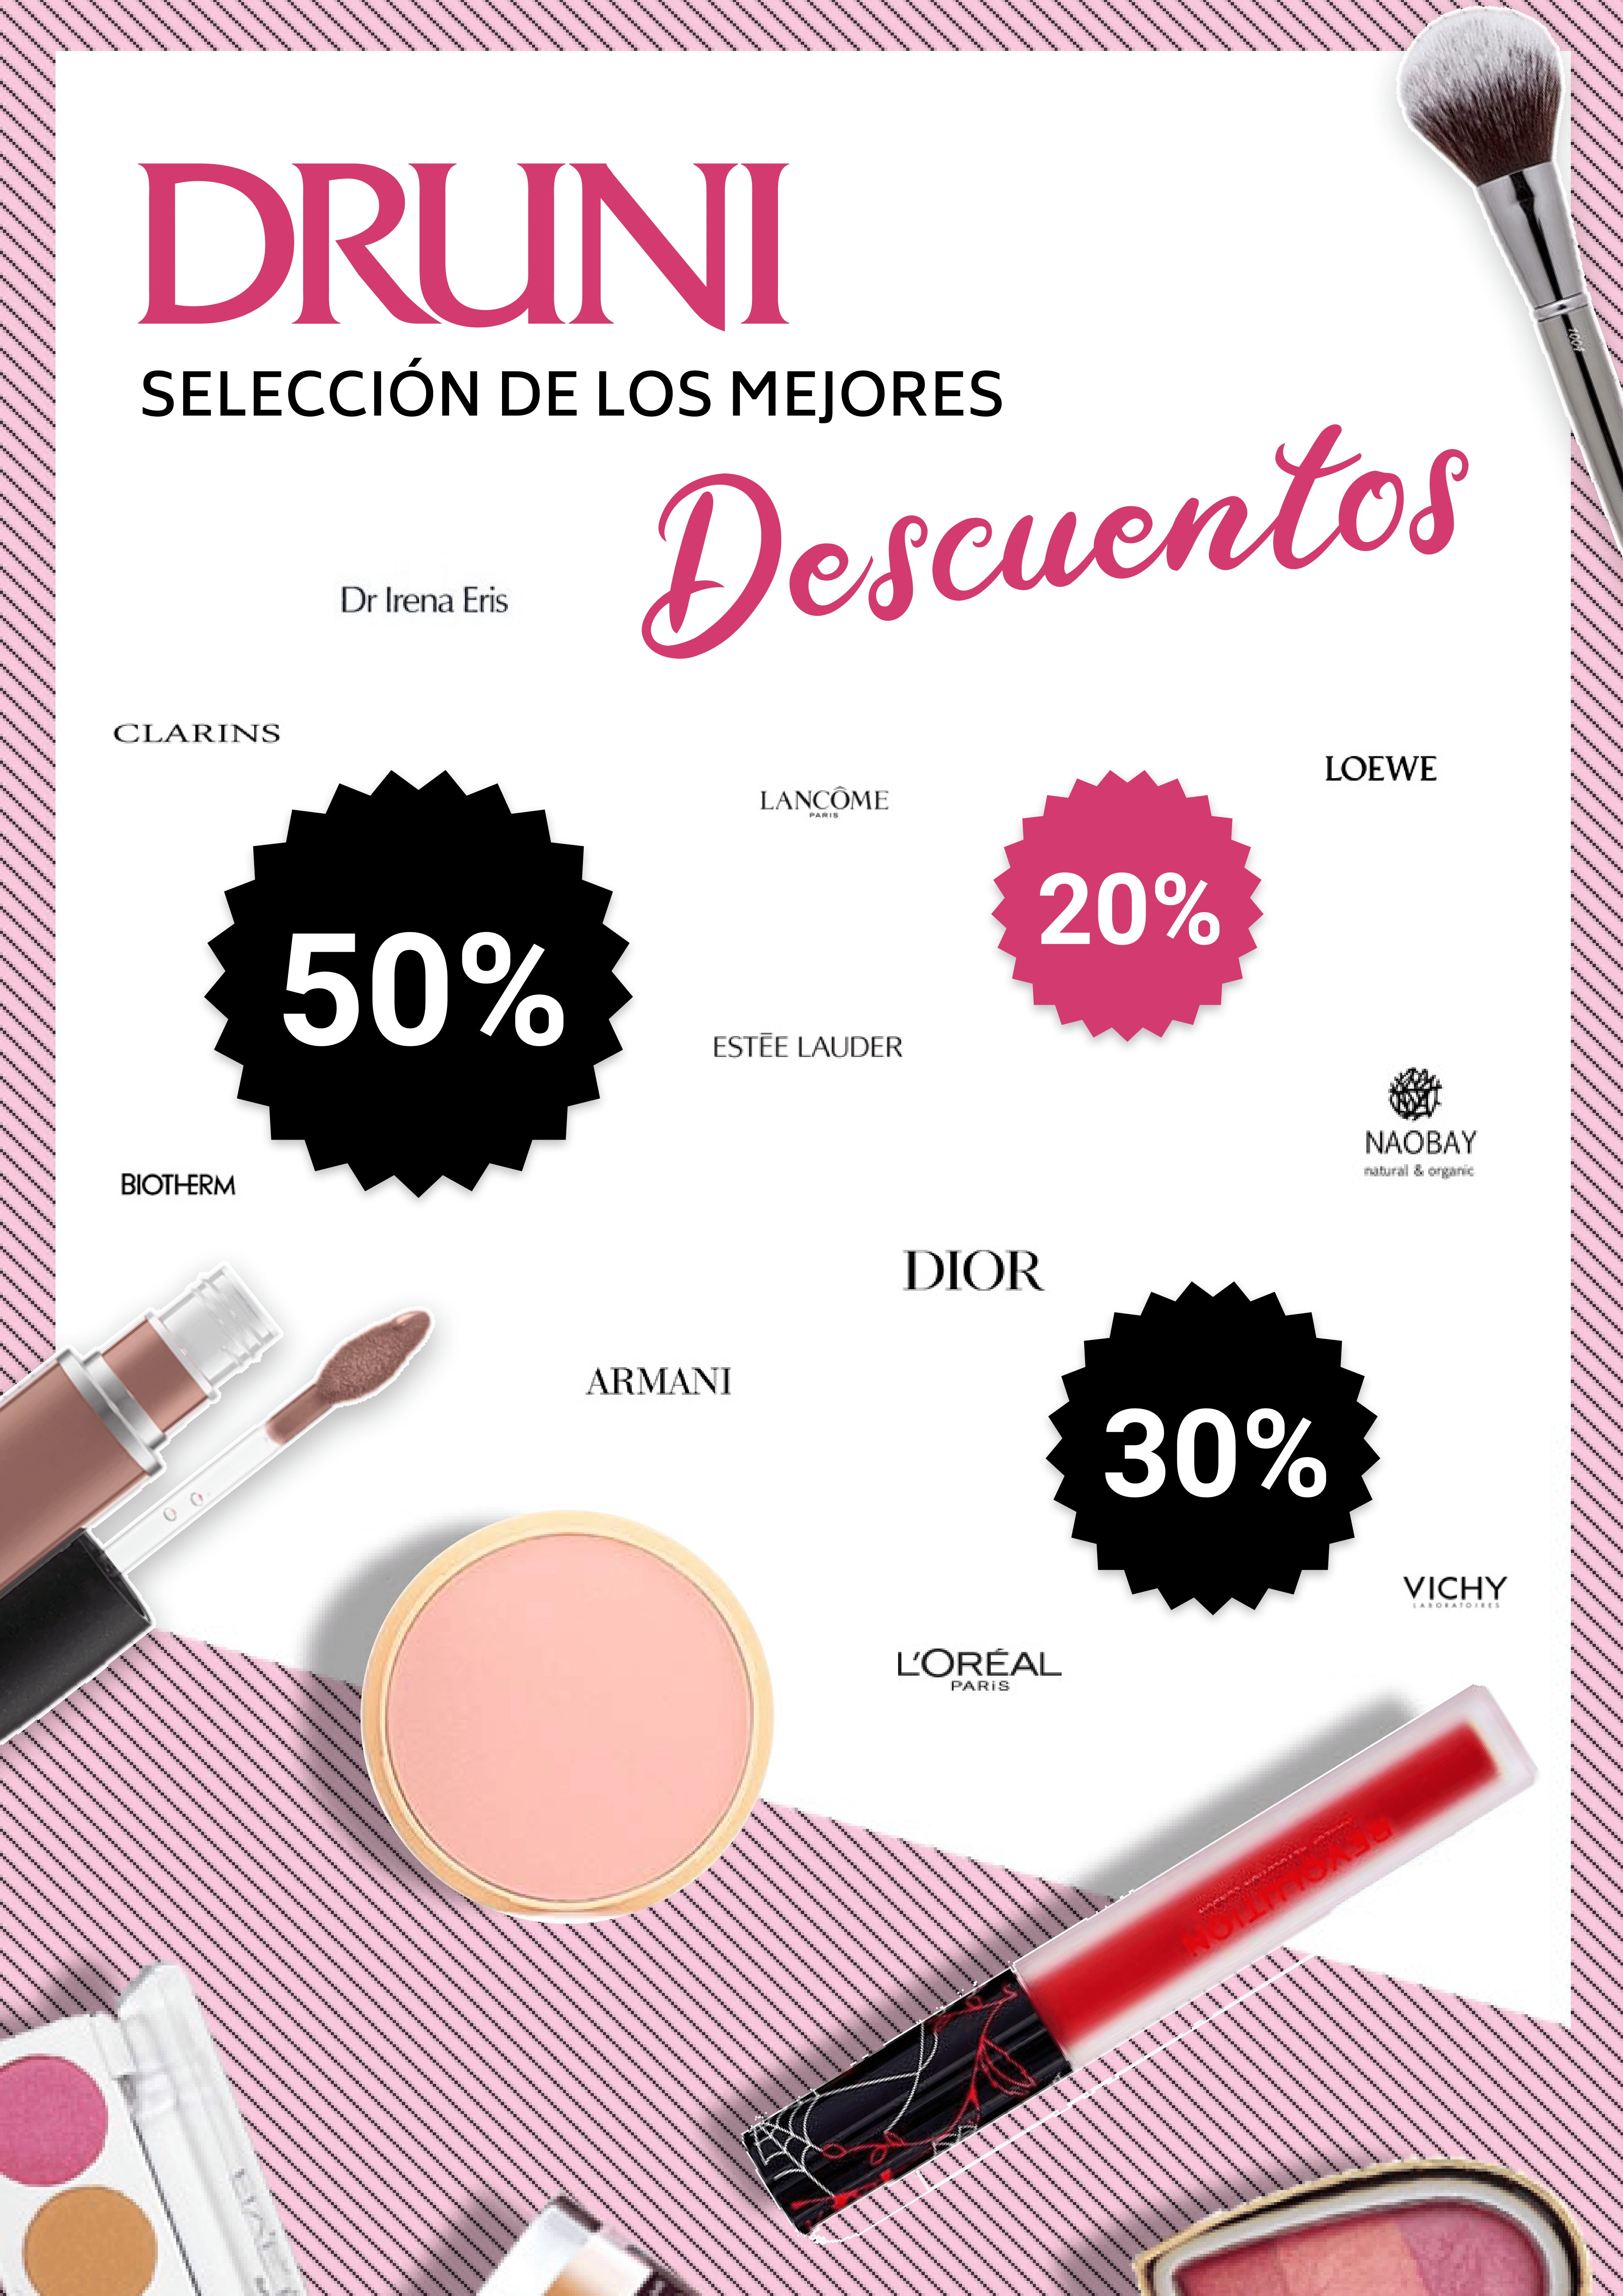 Ofertas de Perfumerías y Belleza en el catálogo de Druni en Mislata ( Publicado ayer )